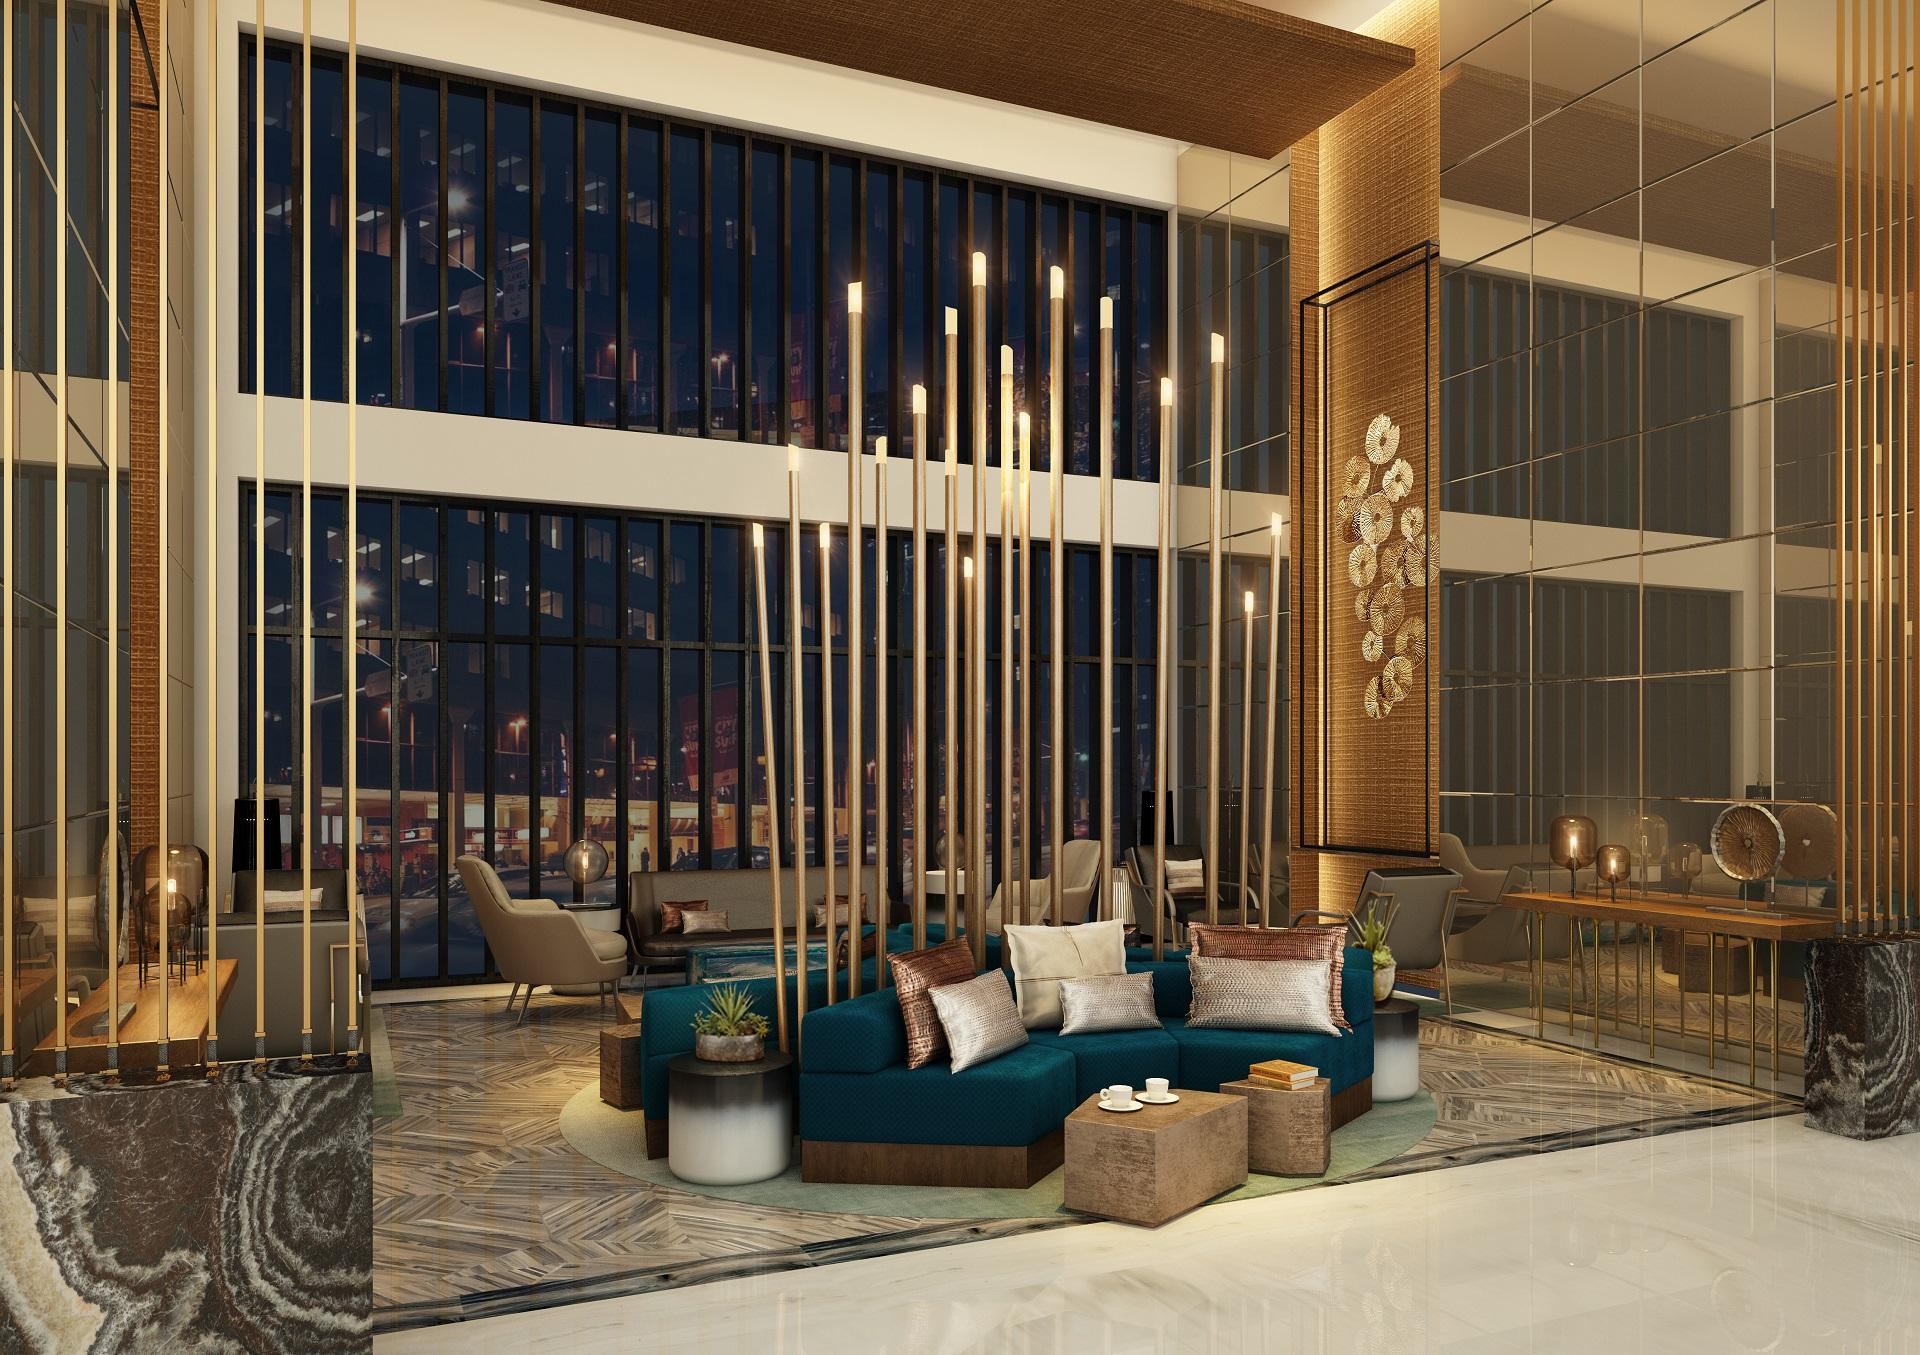 Mankhool Apartment - Lobby Waiting Lounge